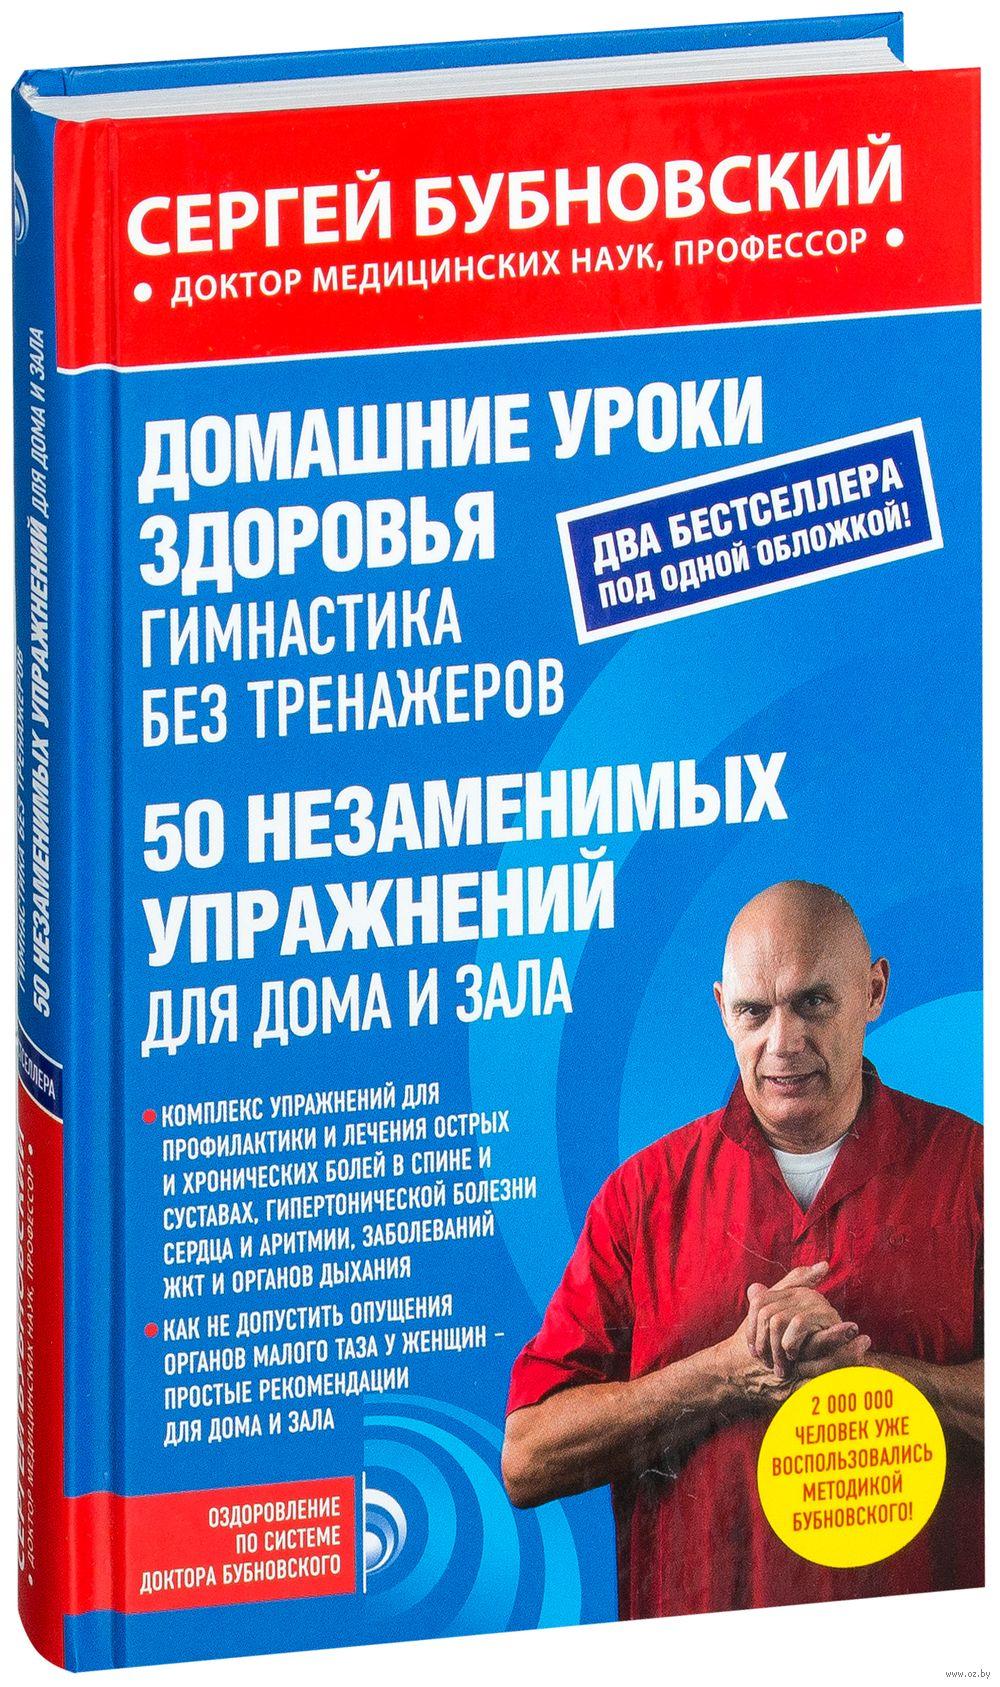 бубновский 50 незаменимых упражнений для здоровья